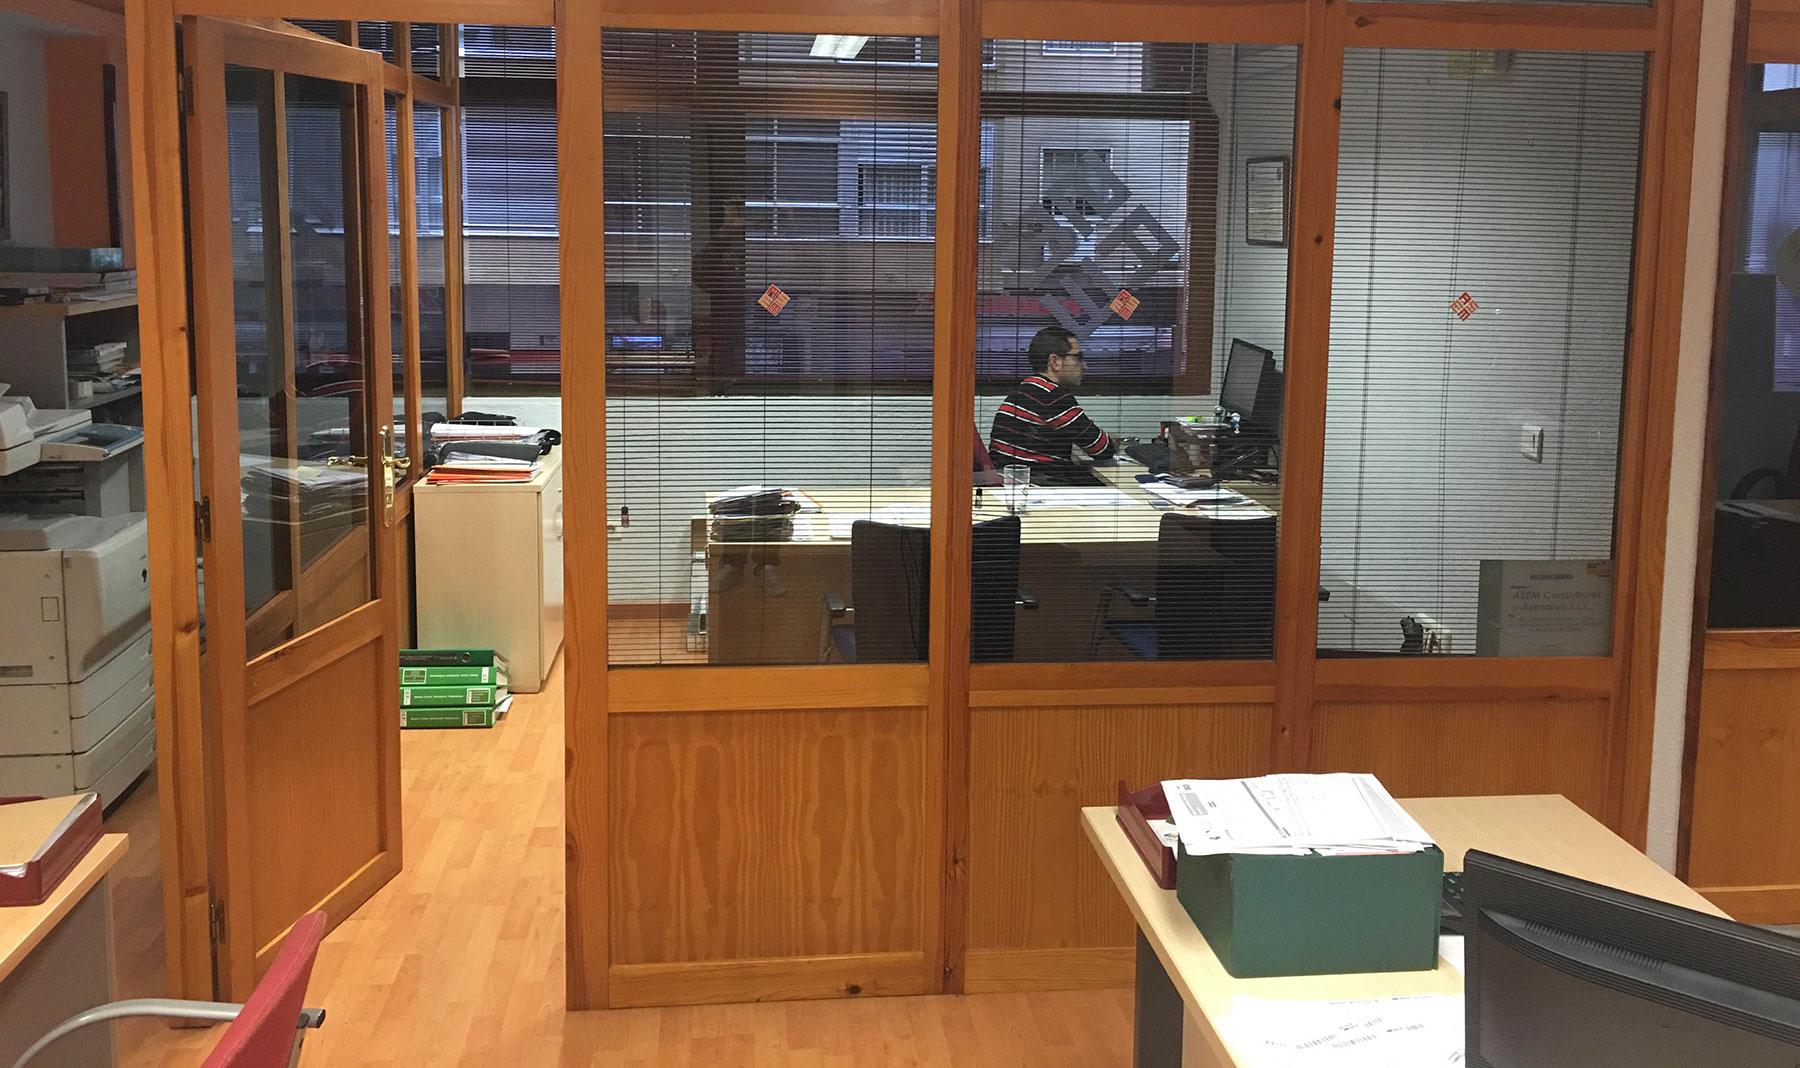 Oficina ASEM Cáceres